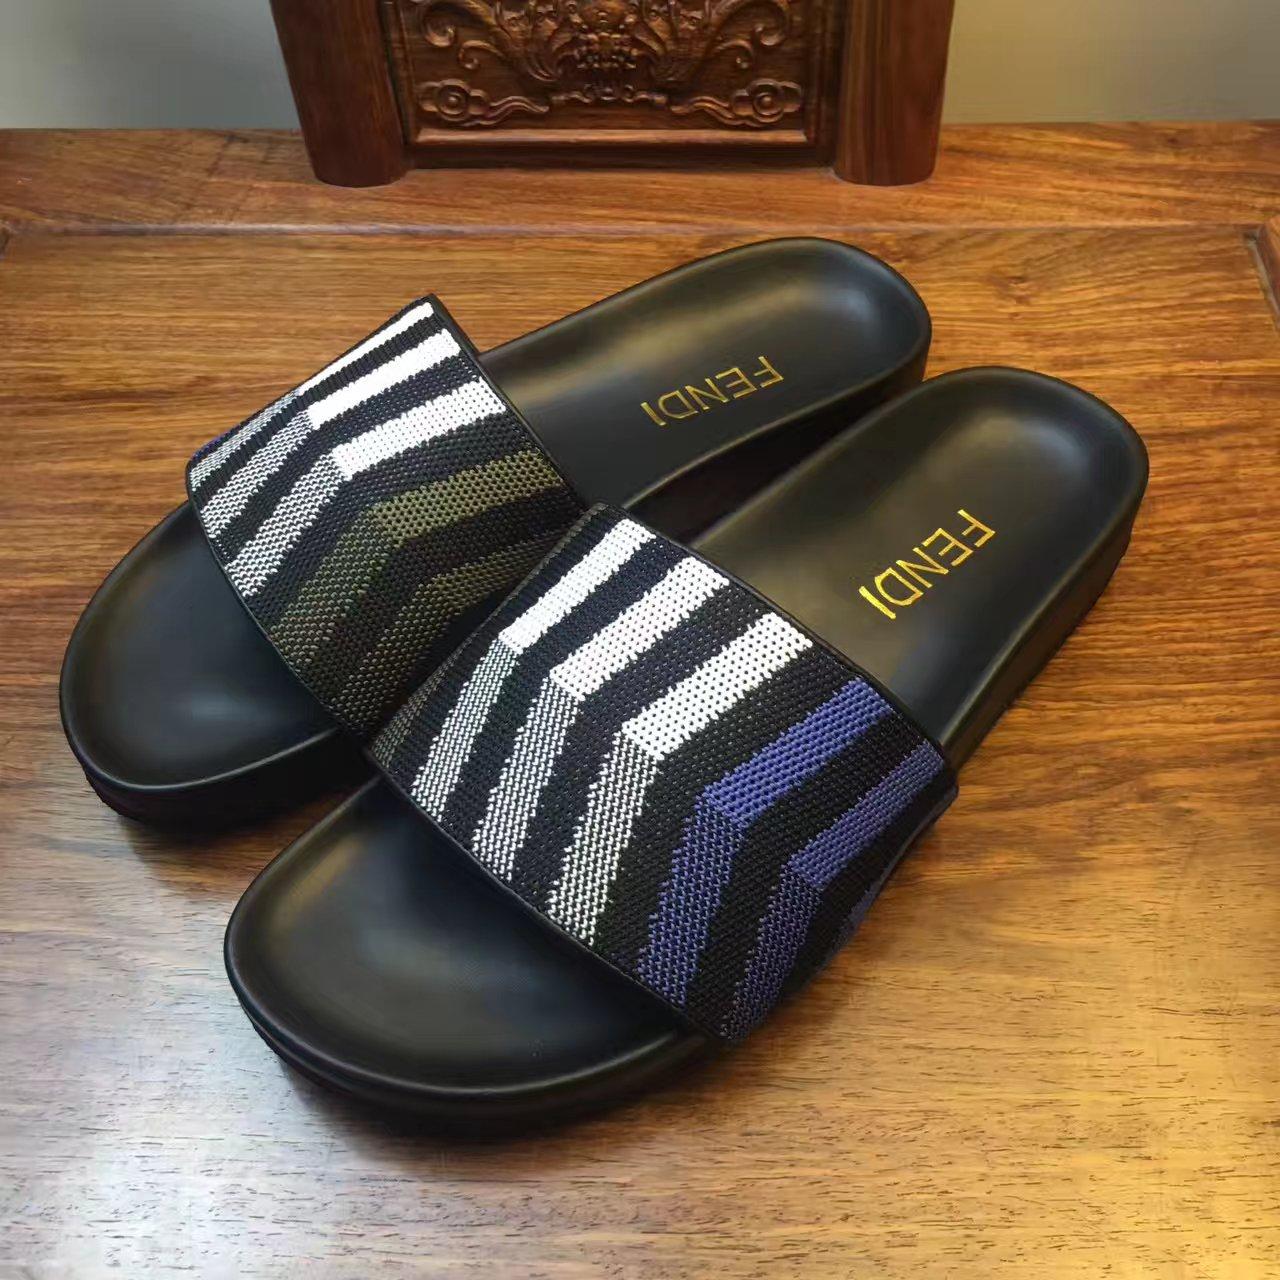 FENDI 芬迪拖鞋_芬迪拖鞋价格多少钱